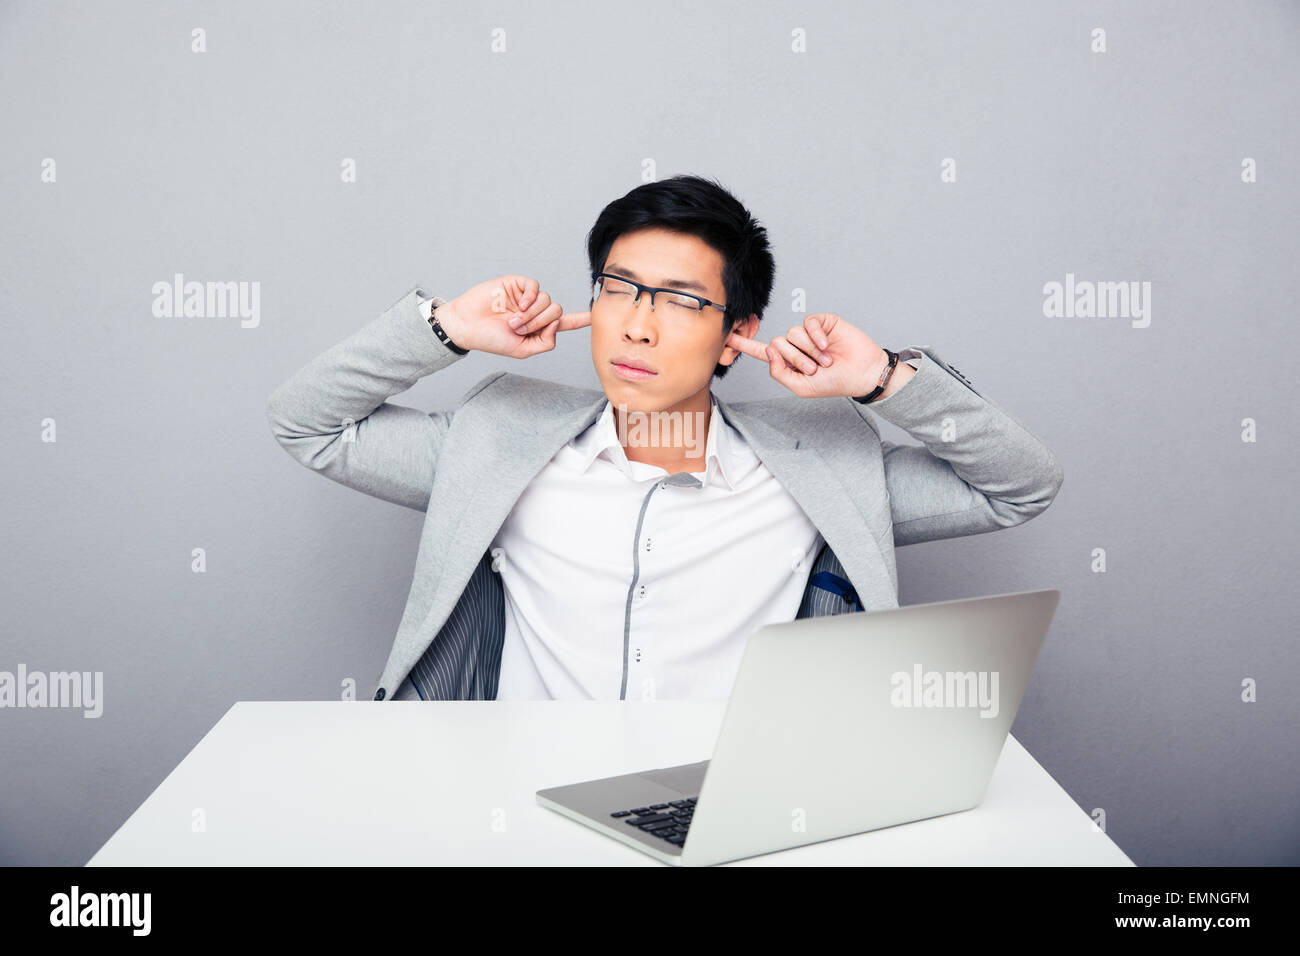 Bello imprenditore asiatici seduti a tavola e che copre le sue orecchie su sfondo grigio Immagini Stock